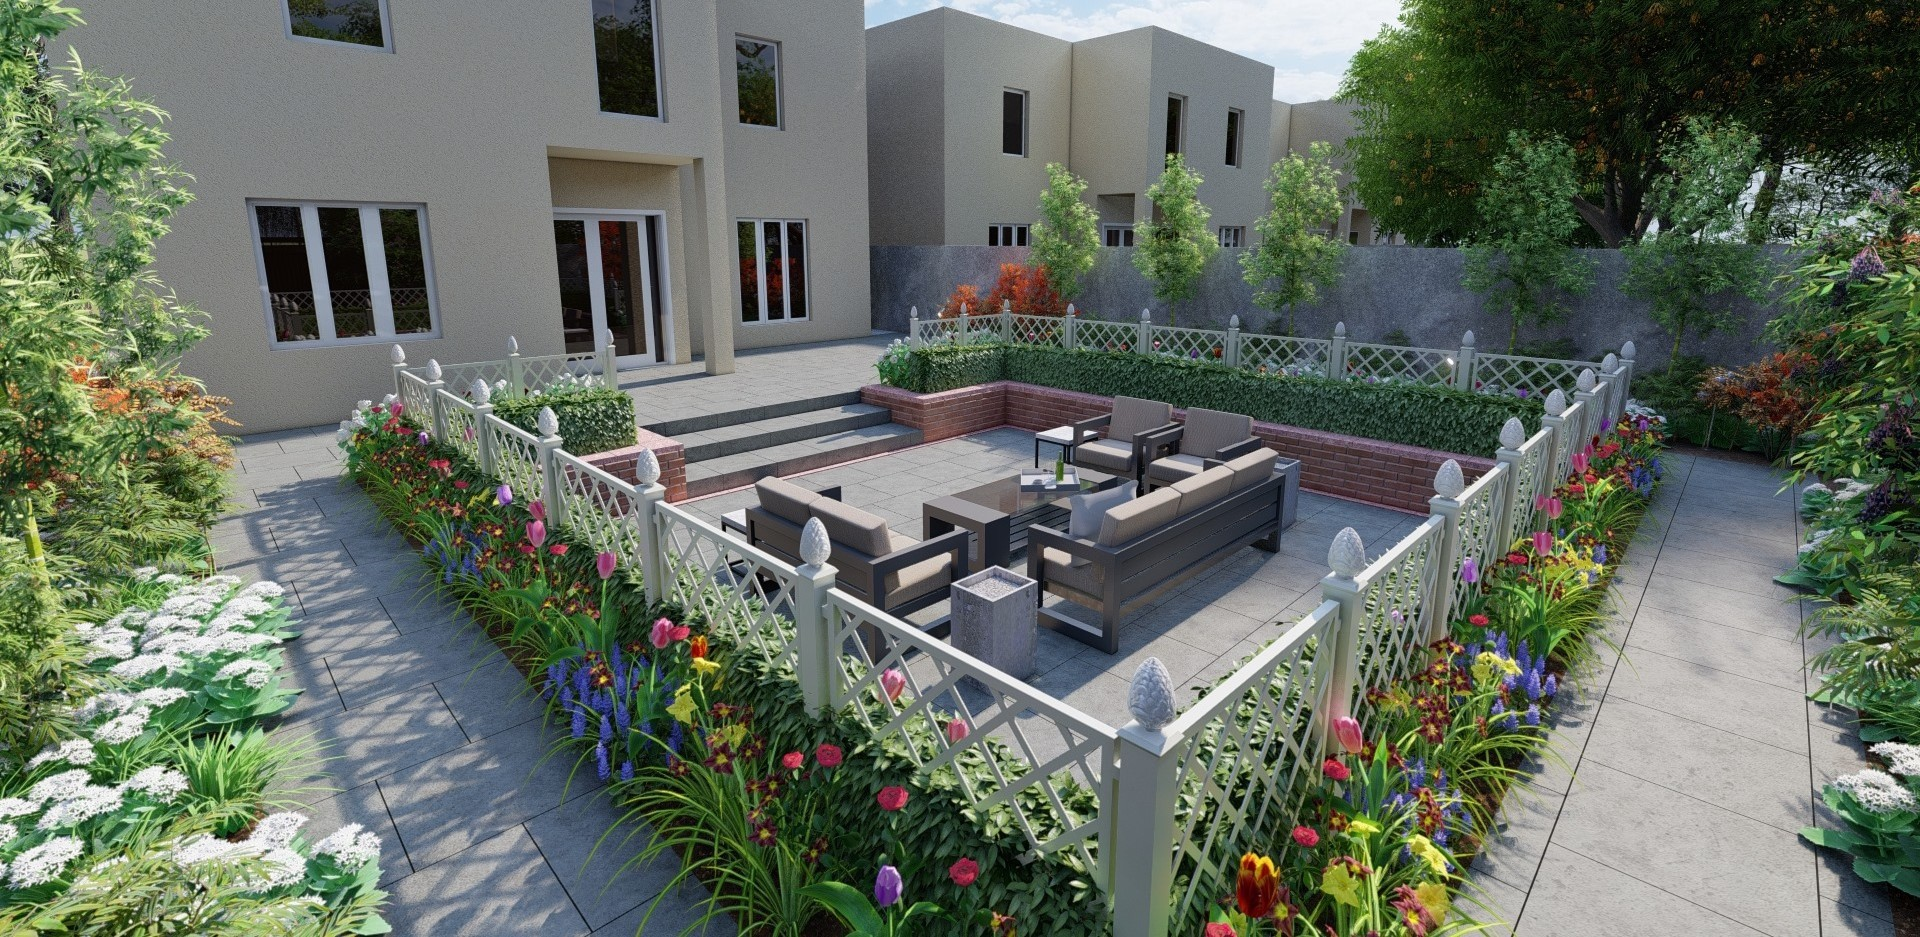 Weißen Restaurant Zäune von Classic Garden Elements im Garden Design von Owen Chub